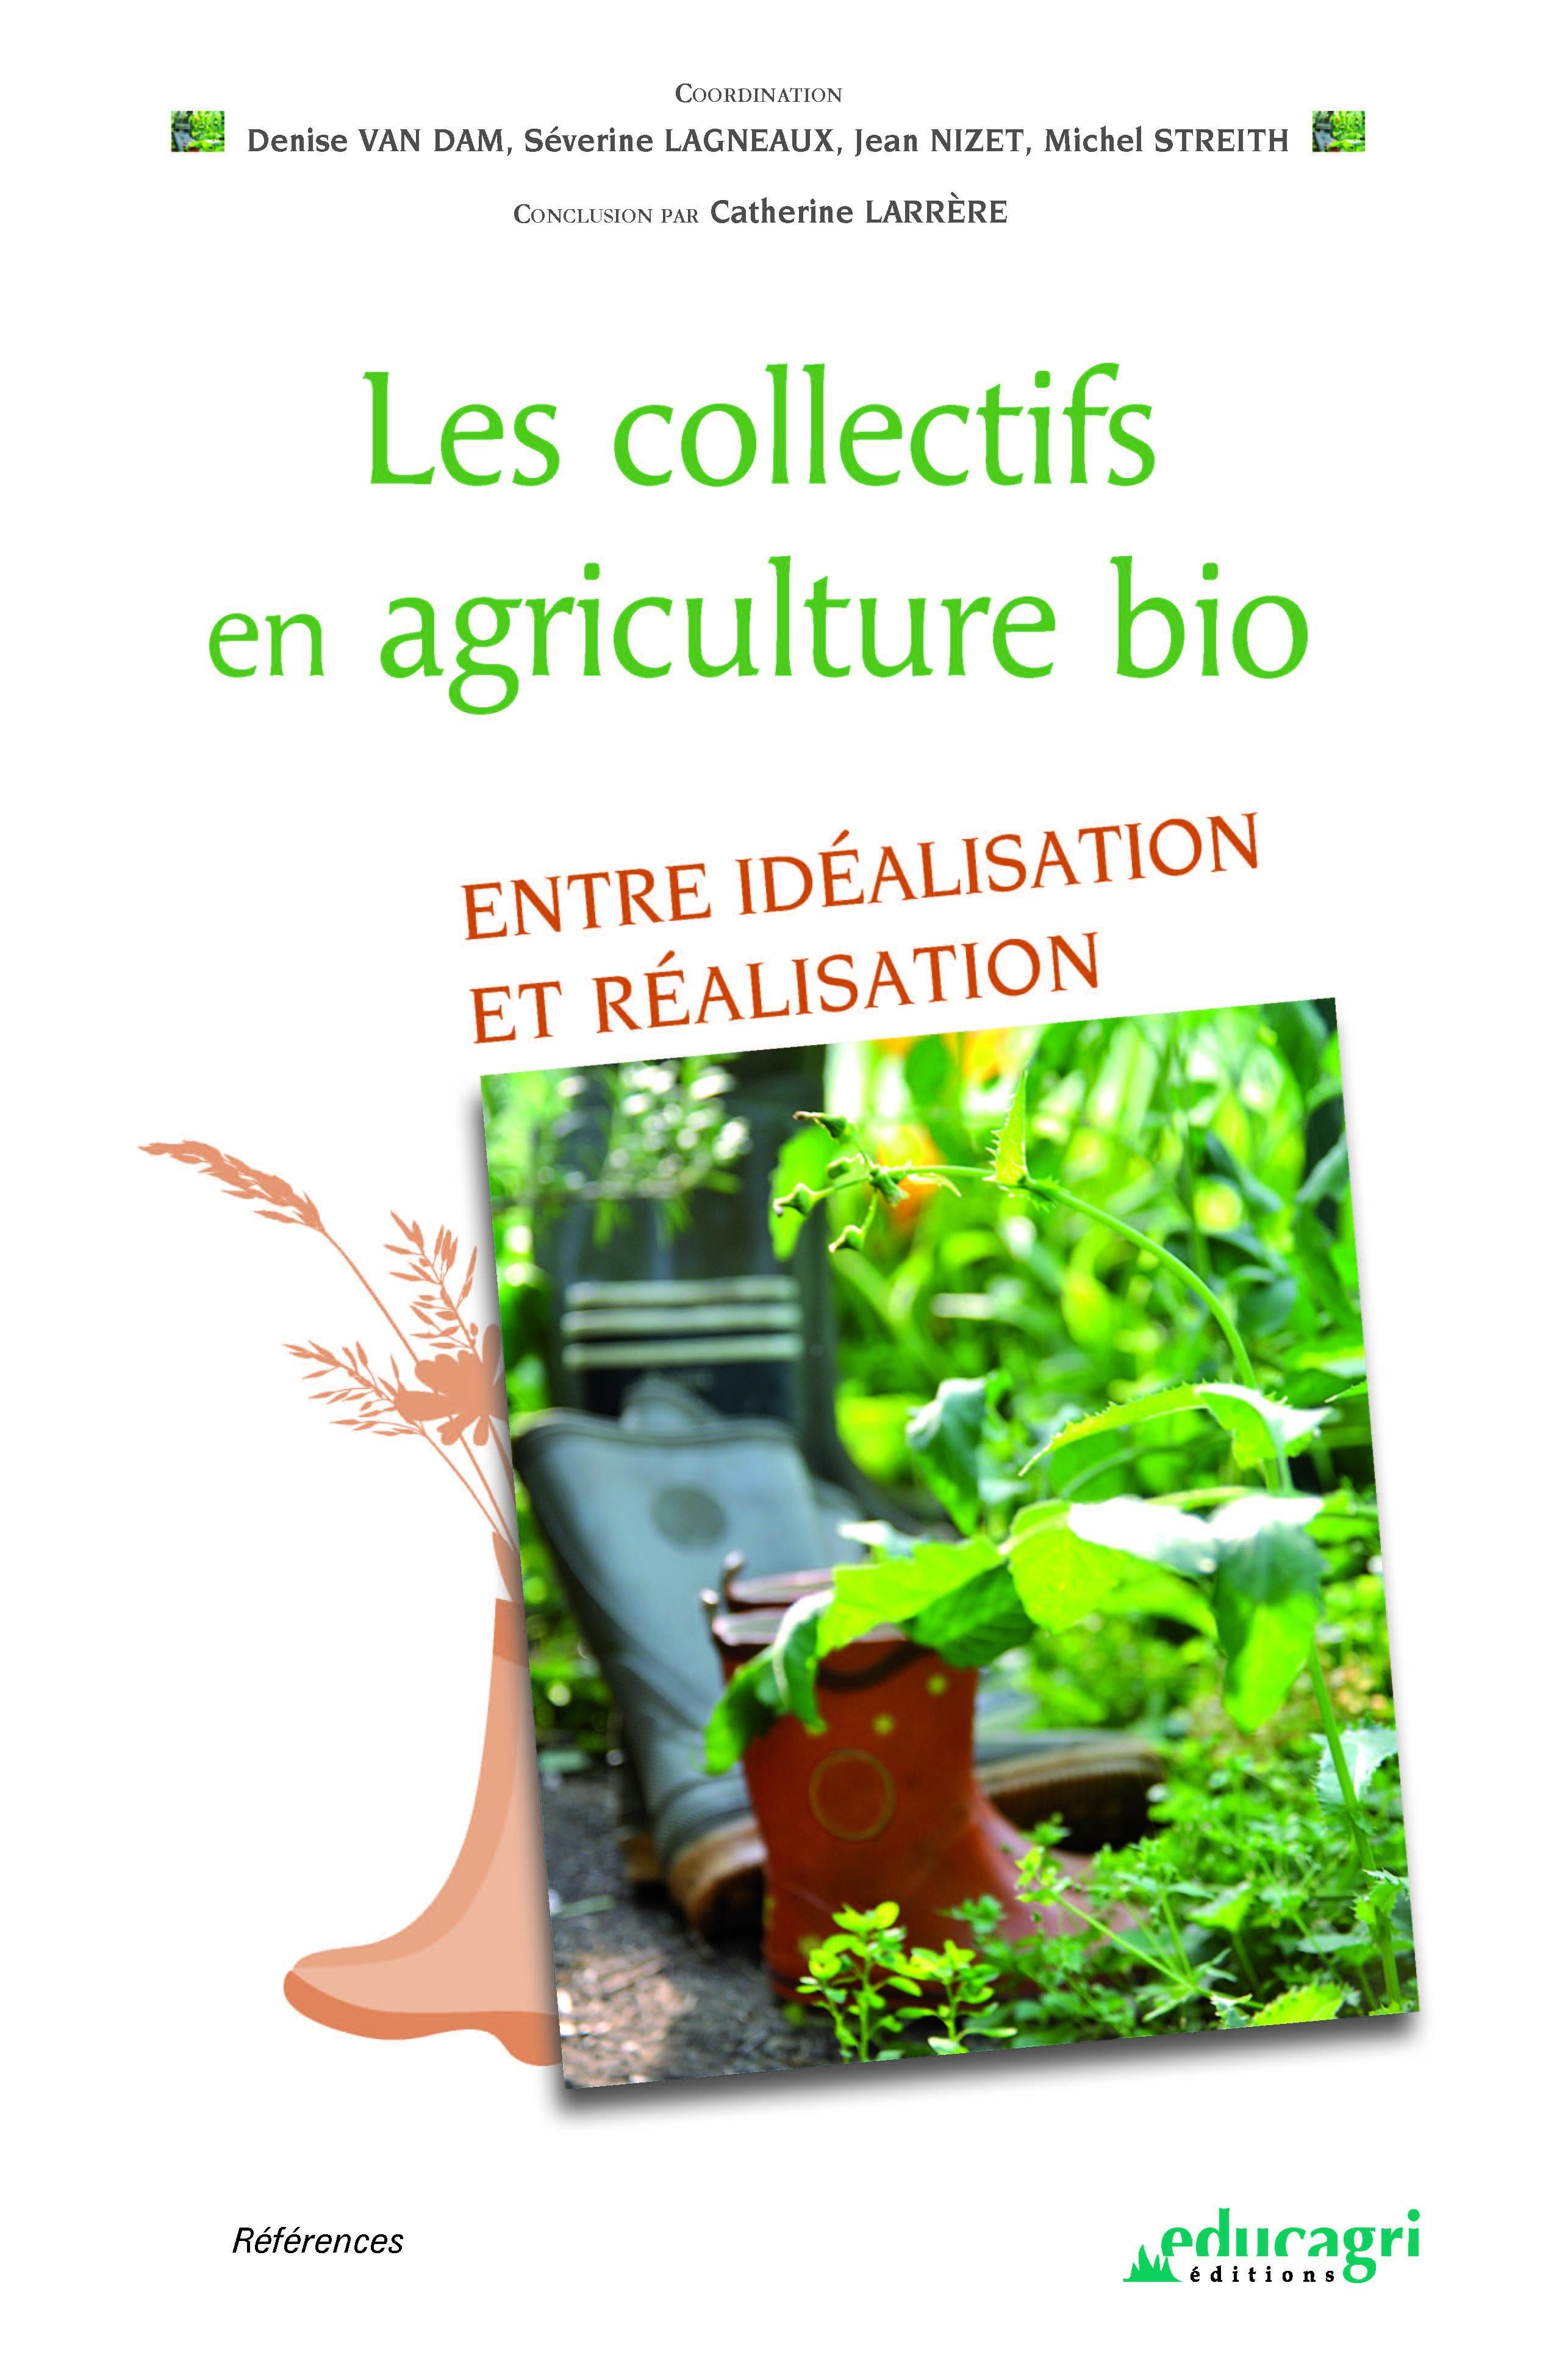 Les collectifs en agriculture bio